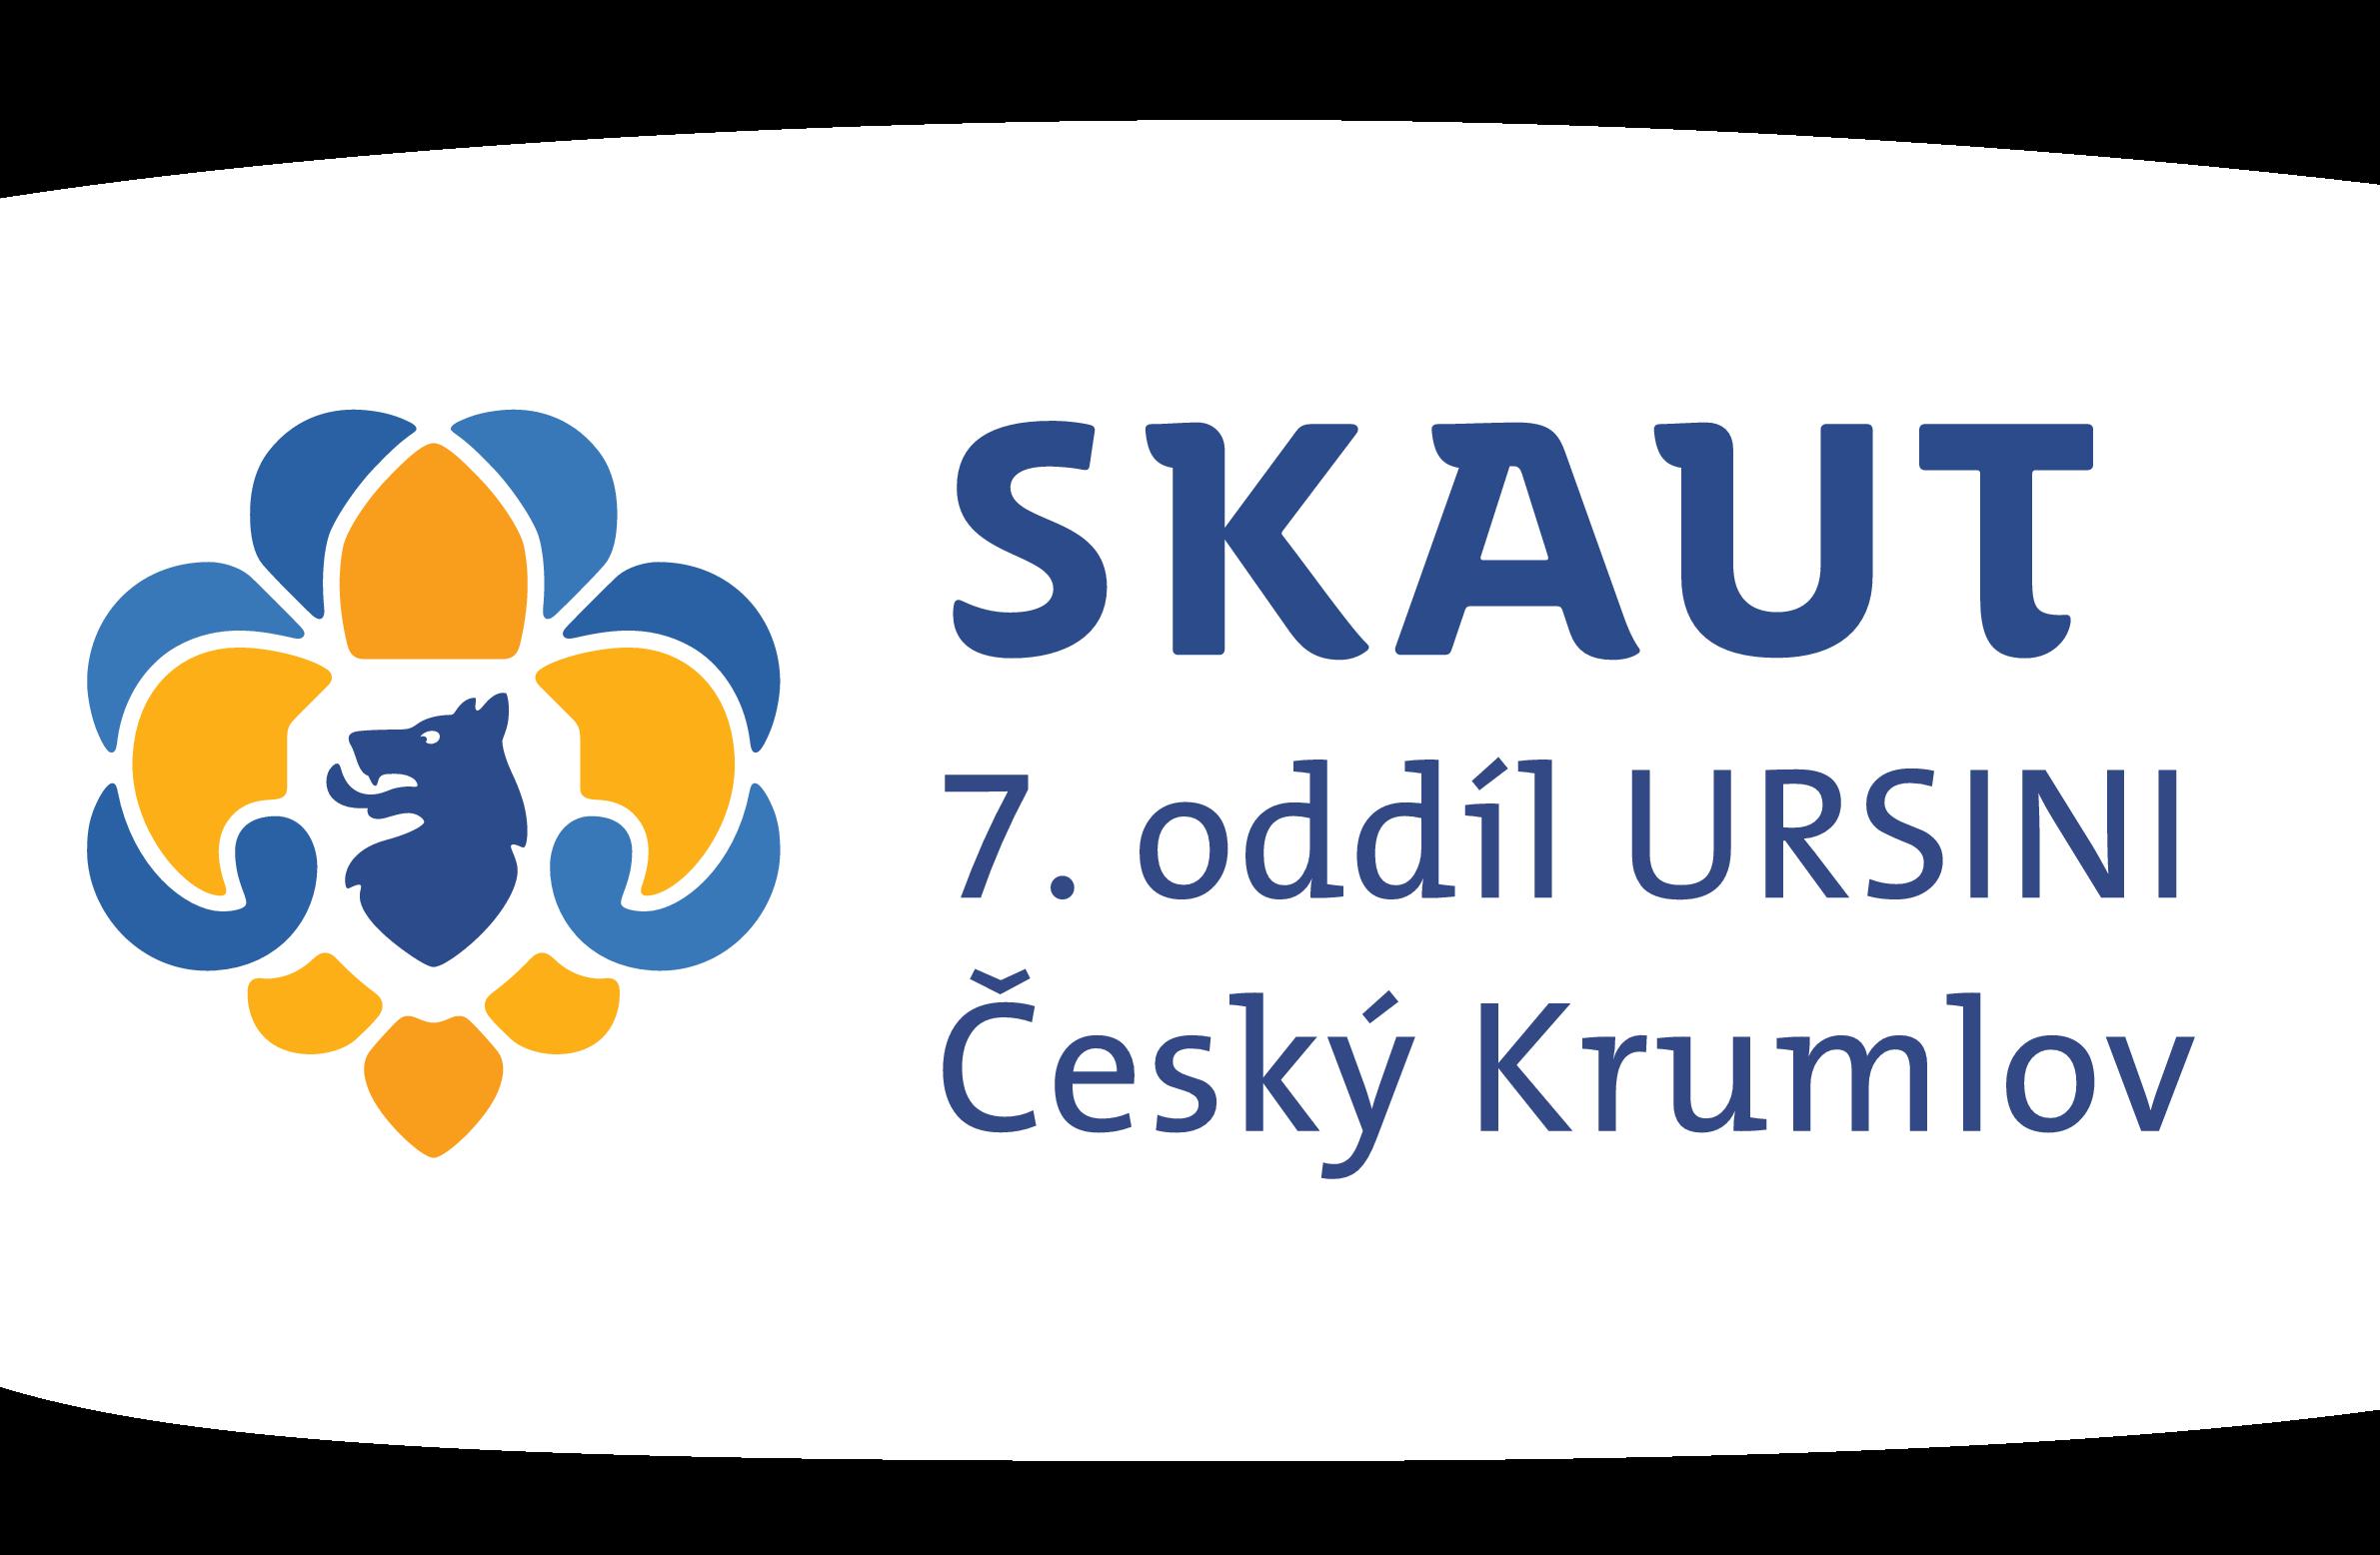 Junák – Český skaut, 7.oddíl URSINI Český Krumlov